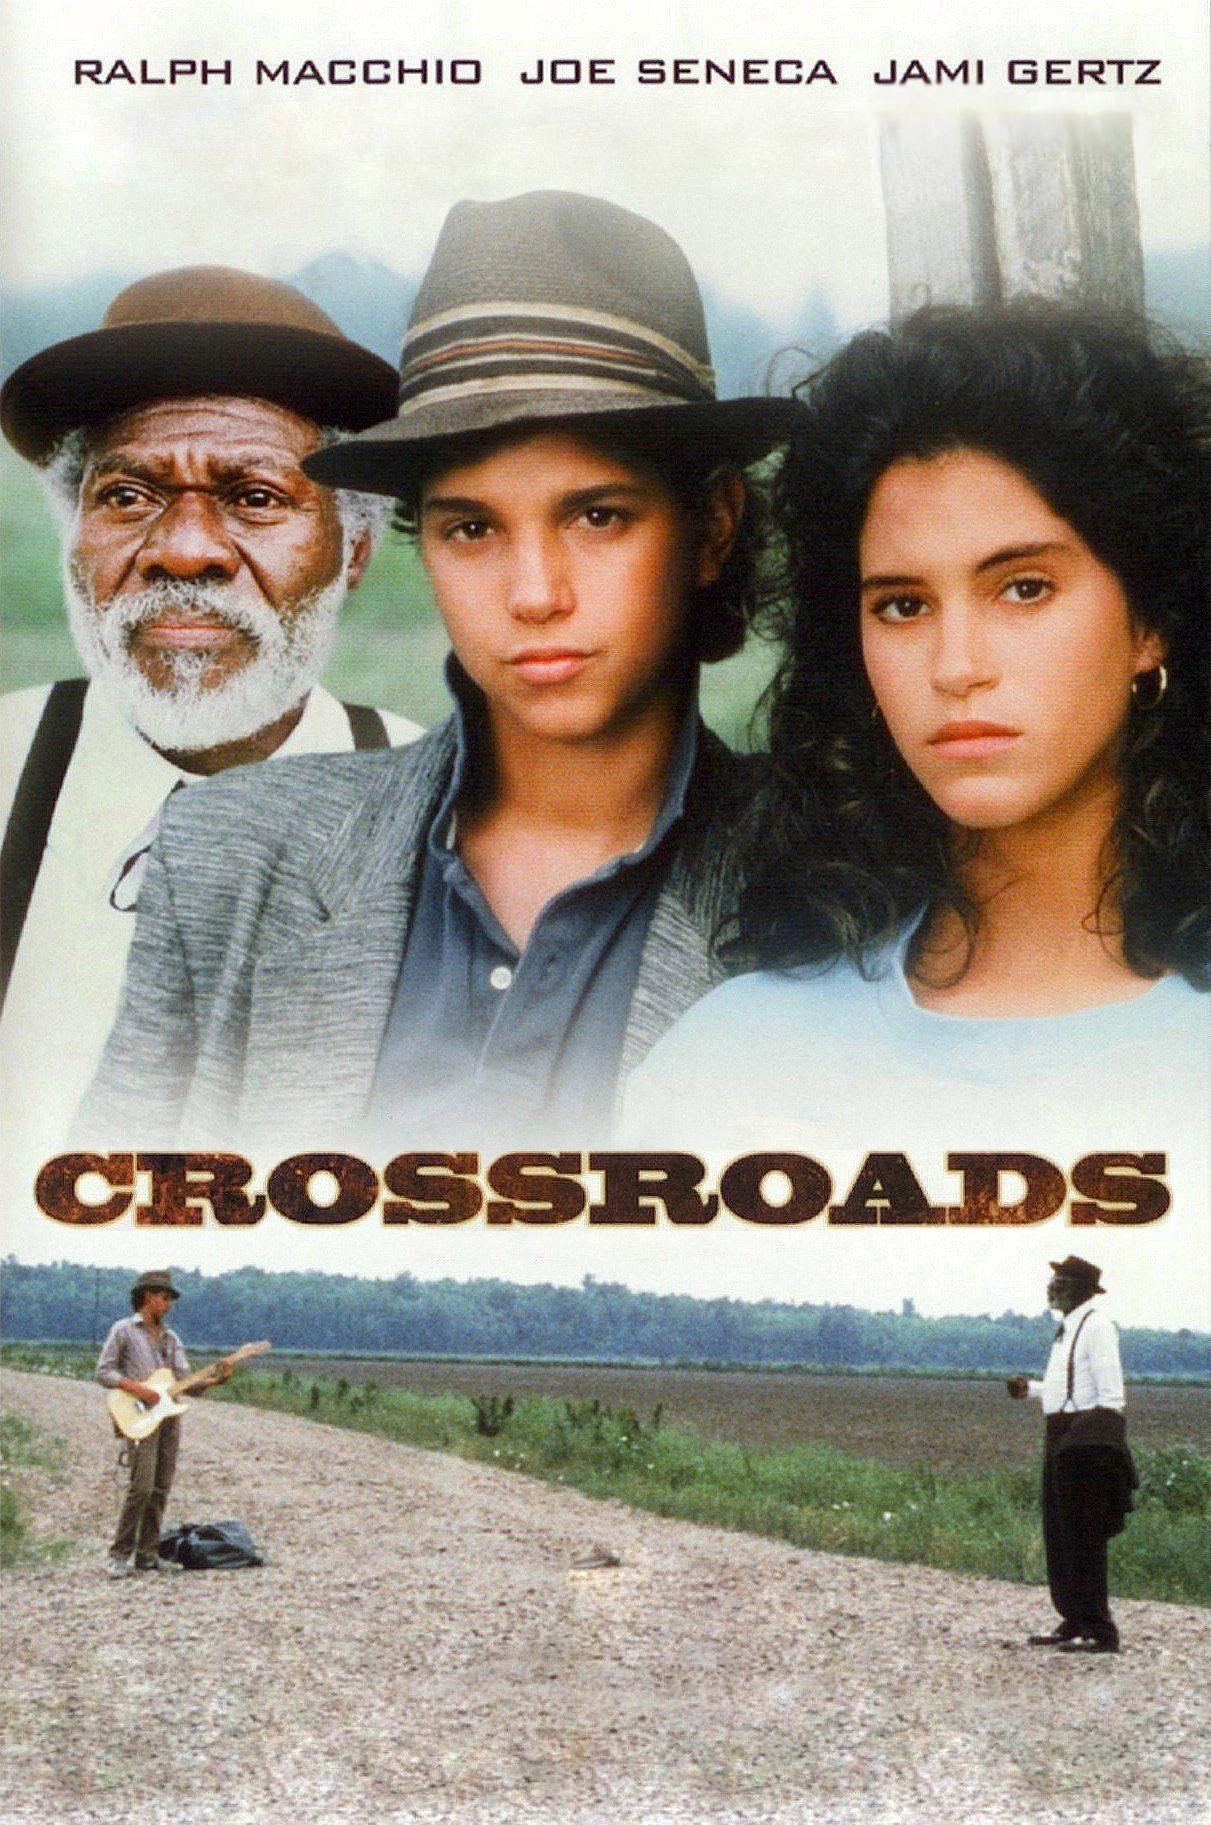 El Soundtrack de la Película de Nuestras Vidas, Crossroads